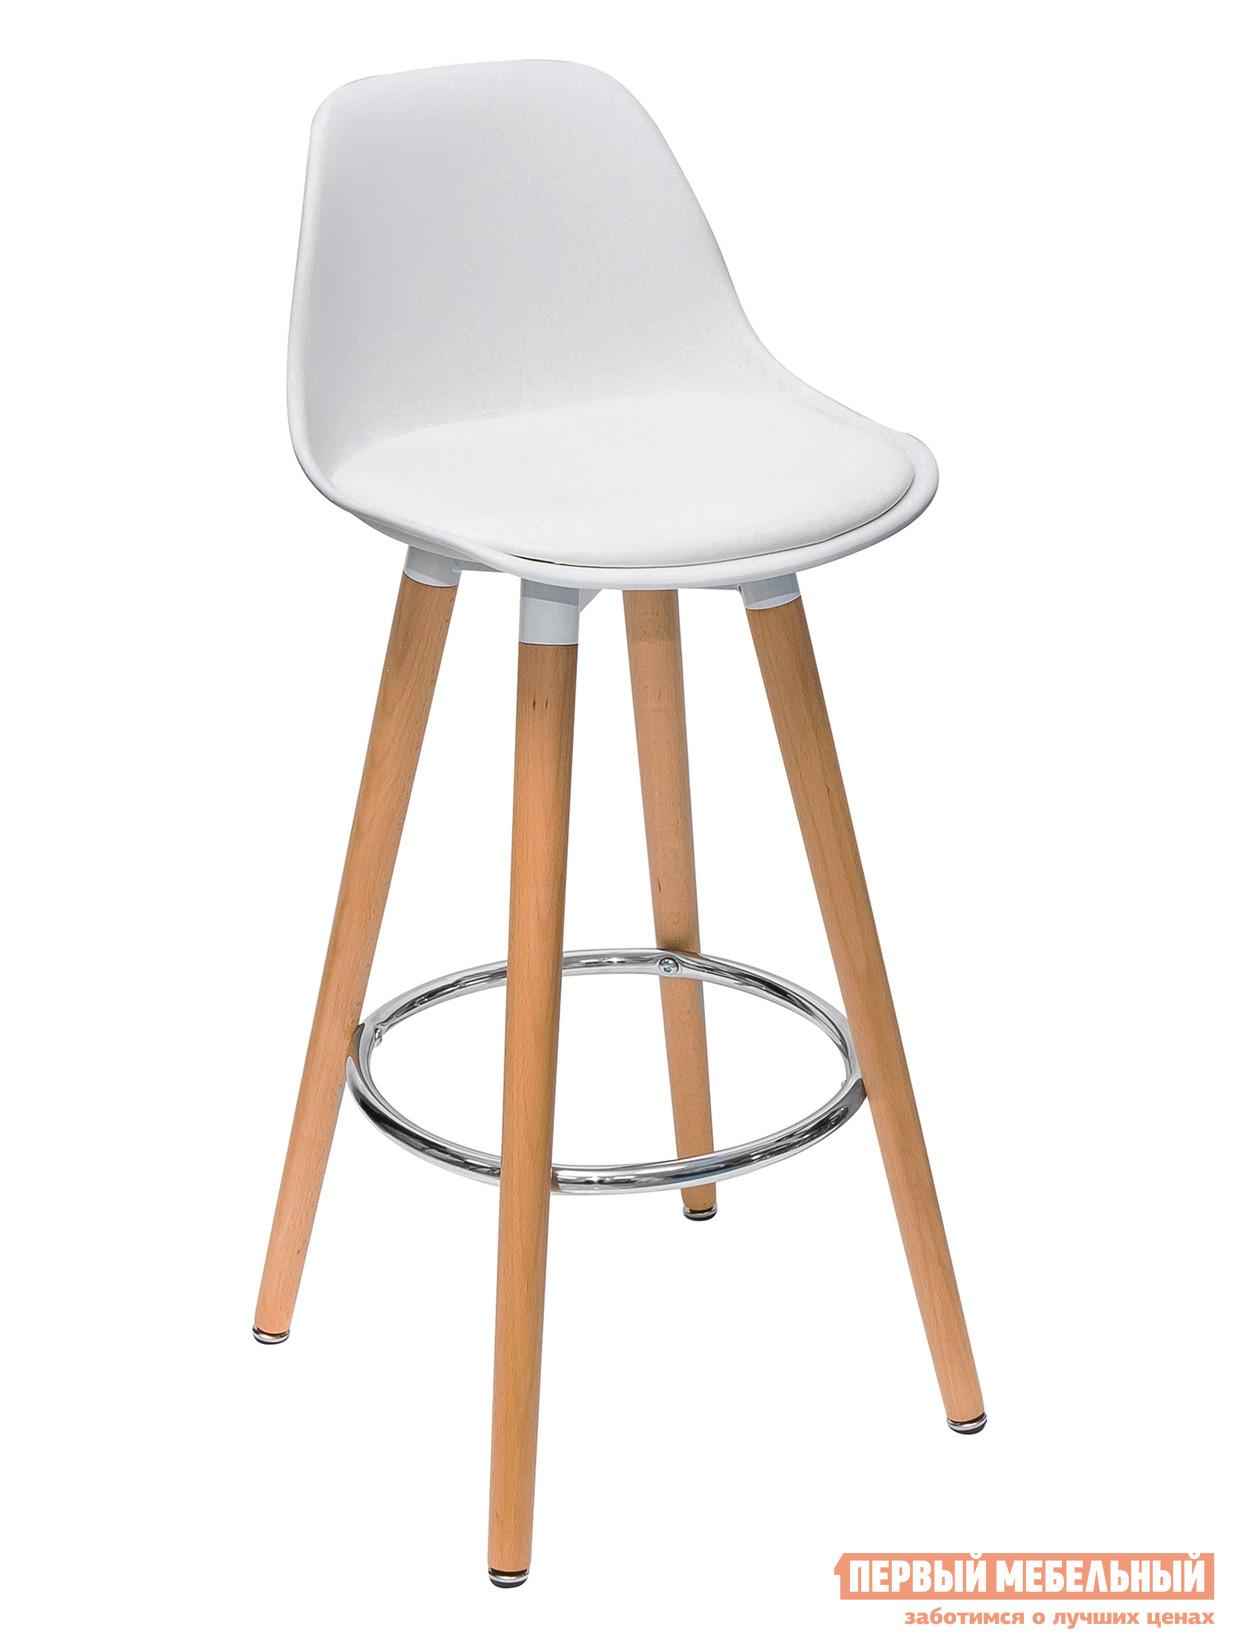 Барный стул Stool Group Стул барный Мартин барный стул charles ghost